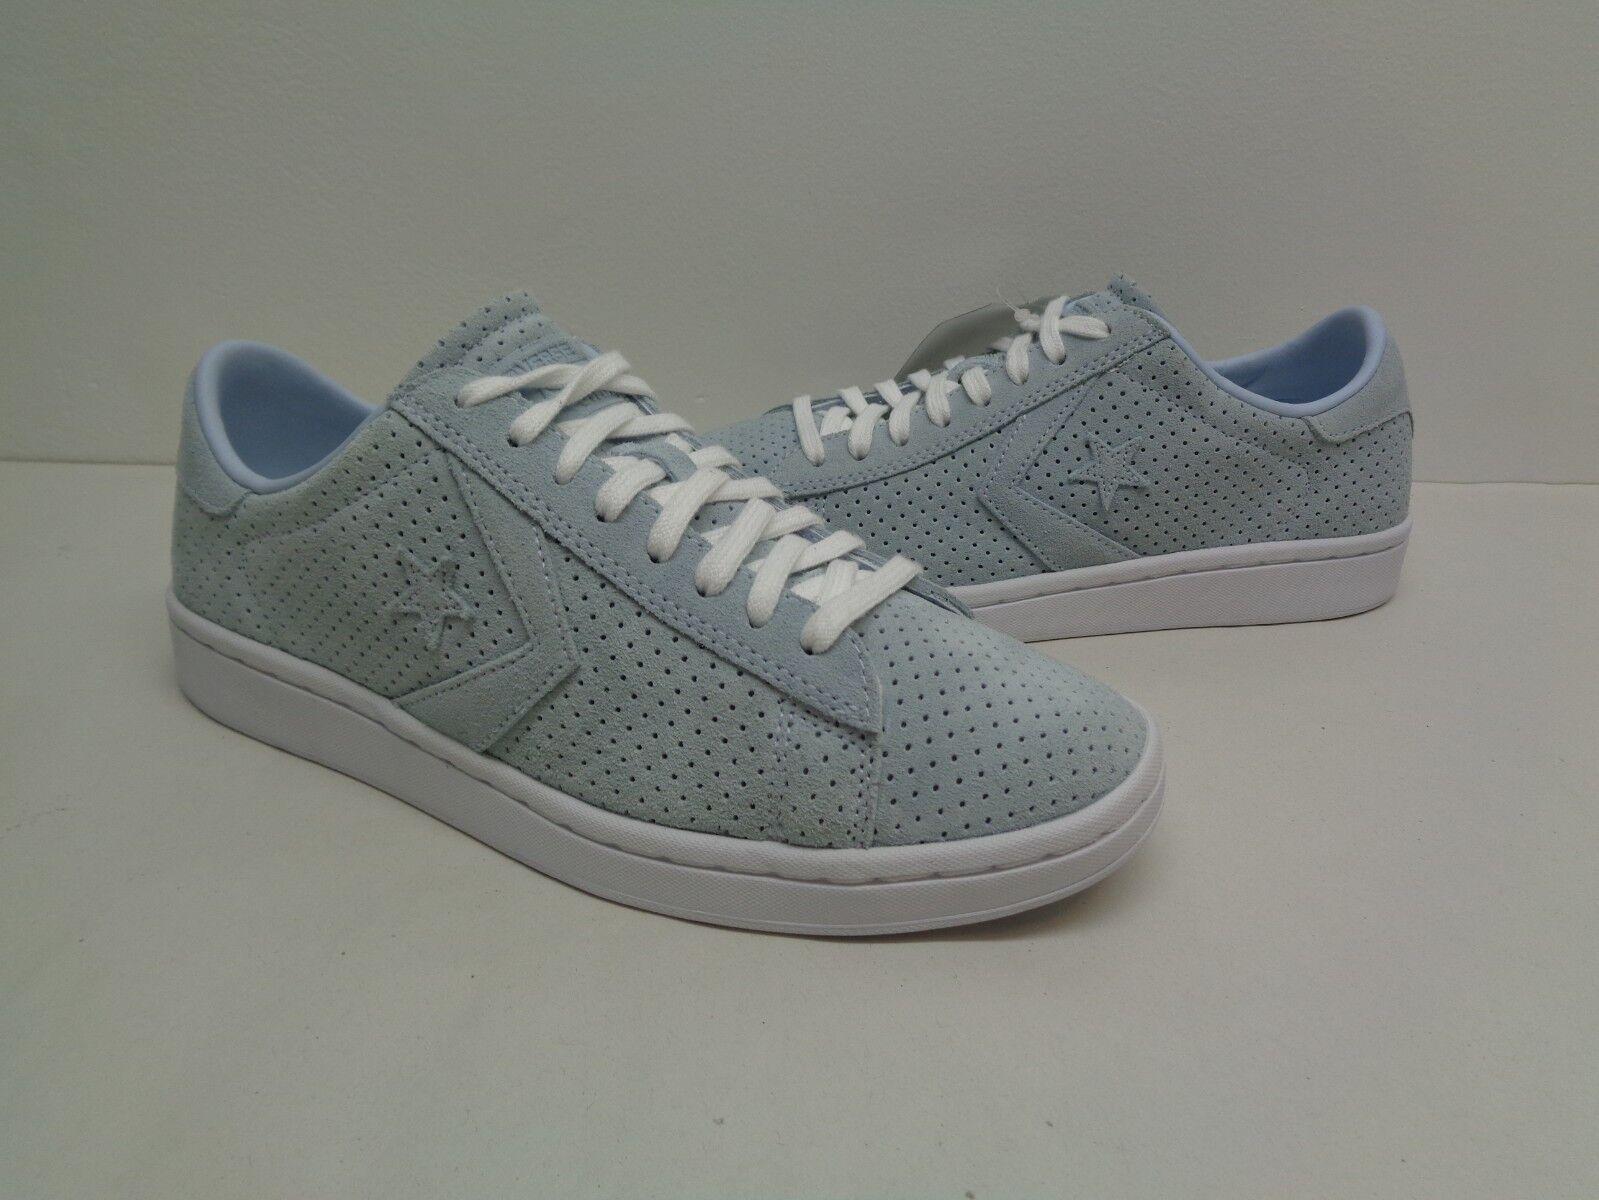 Converse All Star Größe 8.5 PL LP OX 555923C Grau Suede Sneakers NEU Damenschuhe Schuhes